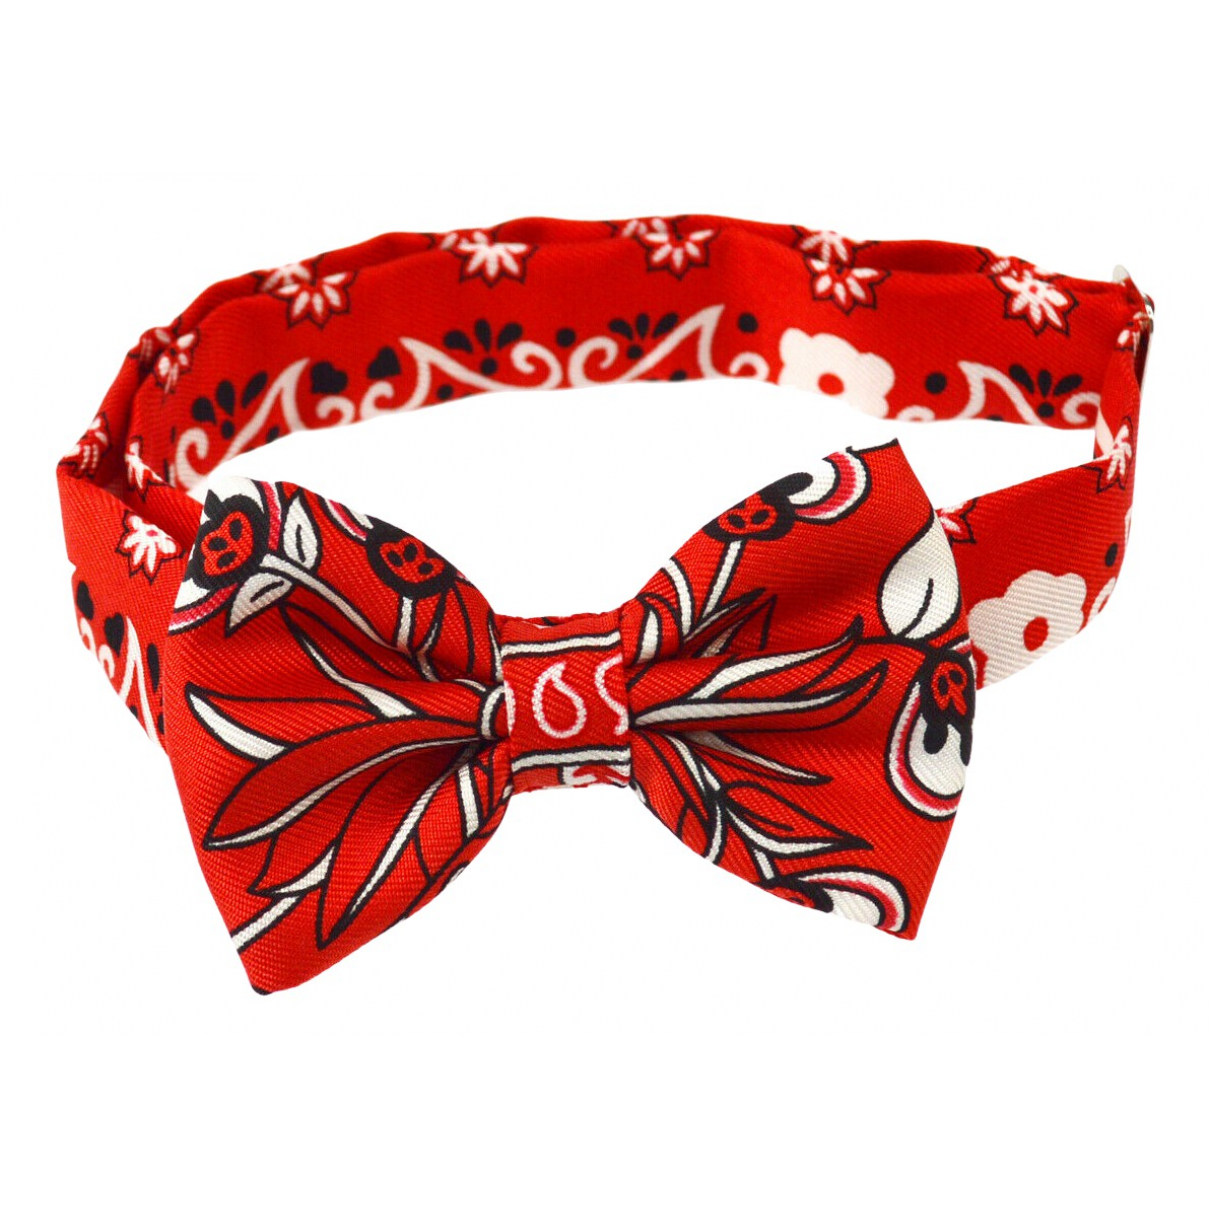 Hermes - Cravates Noeud Papillon pour homme en soie - rouge